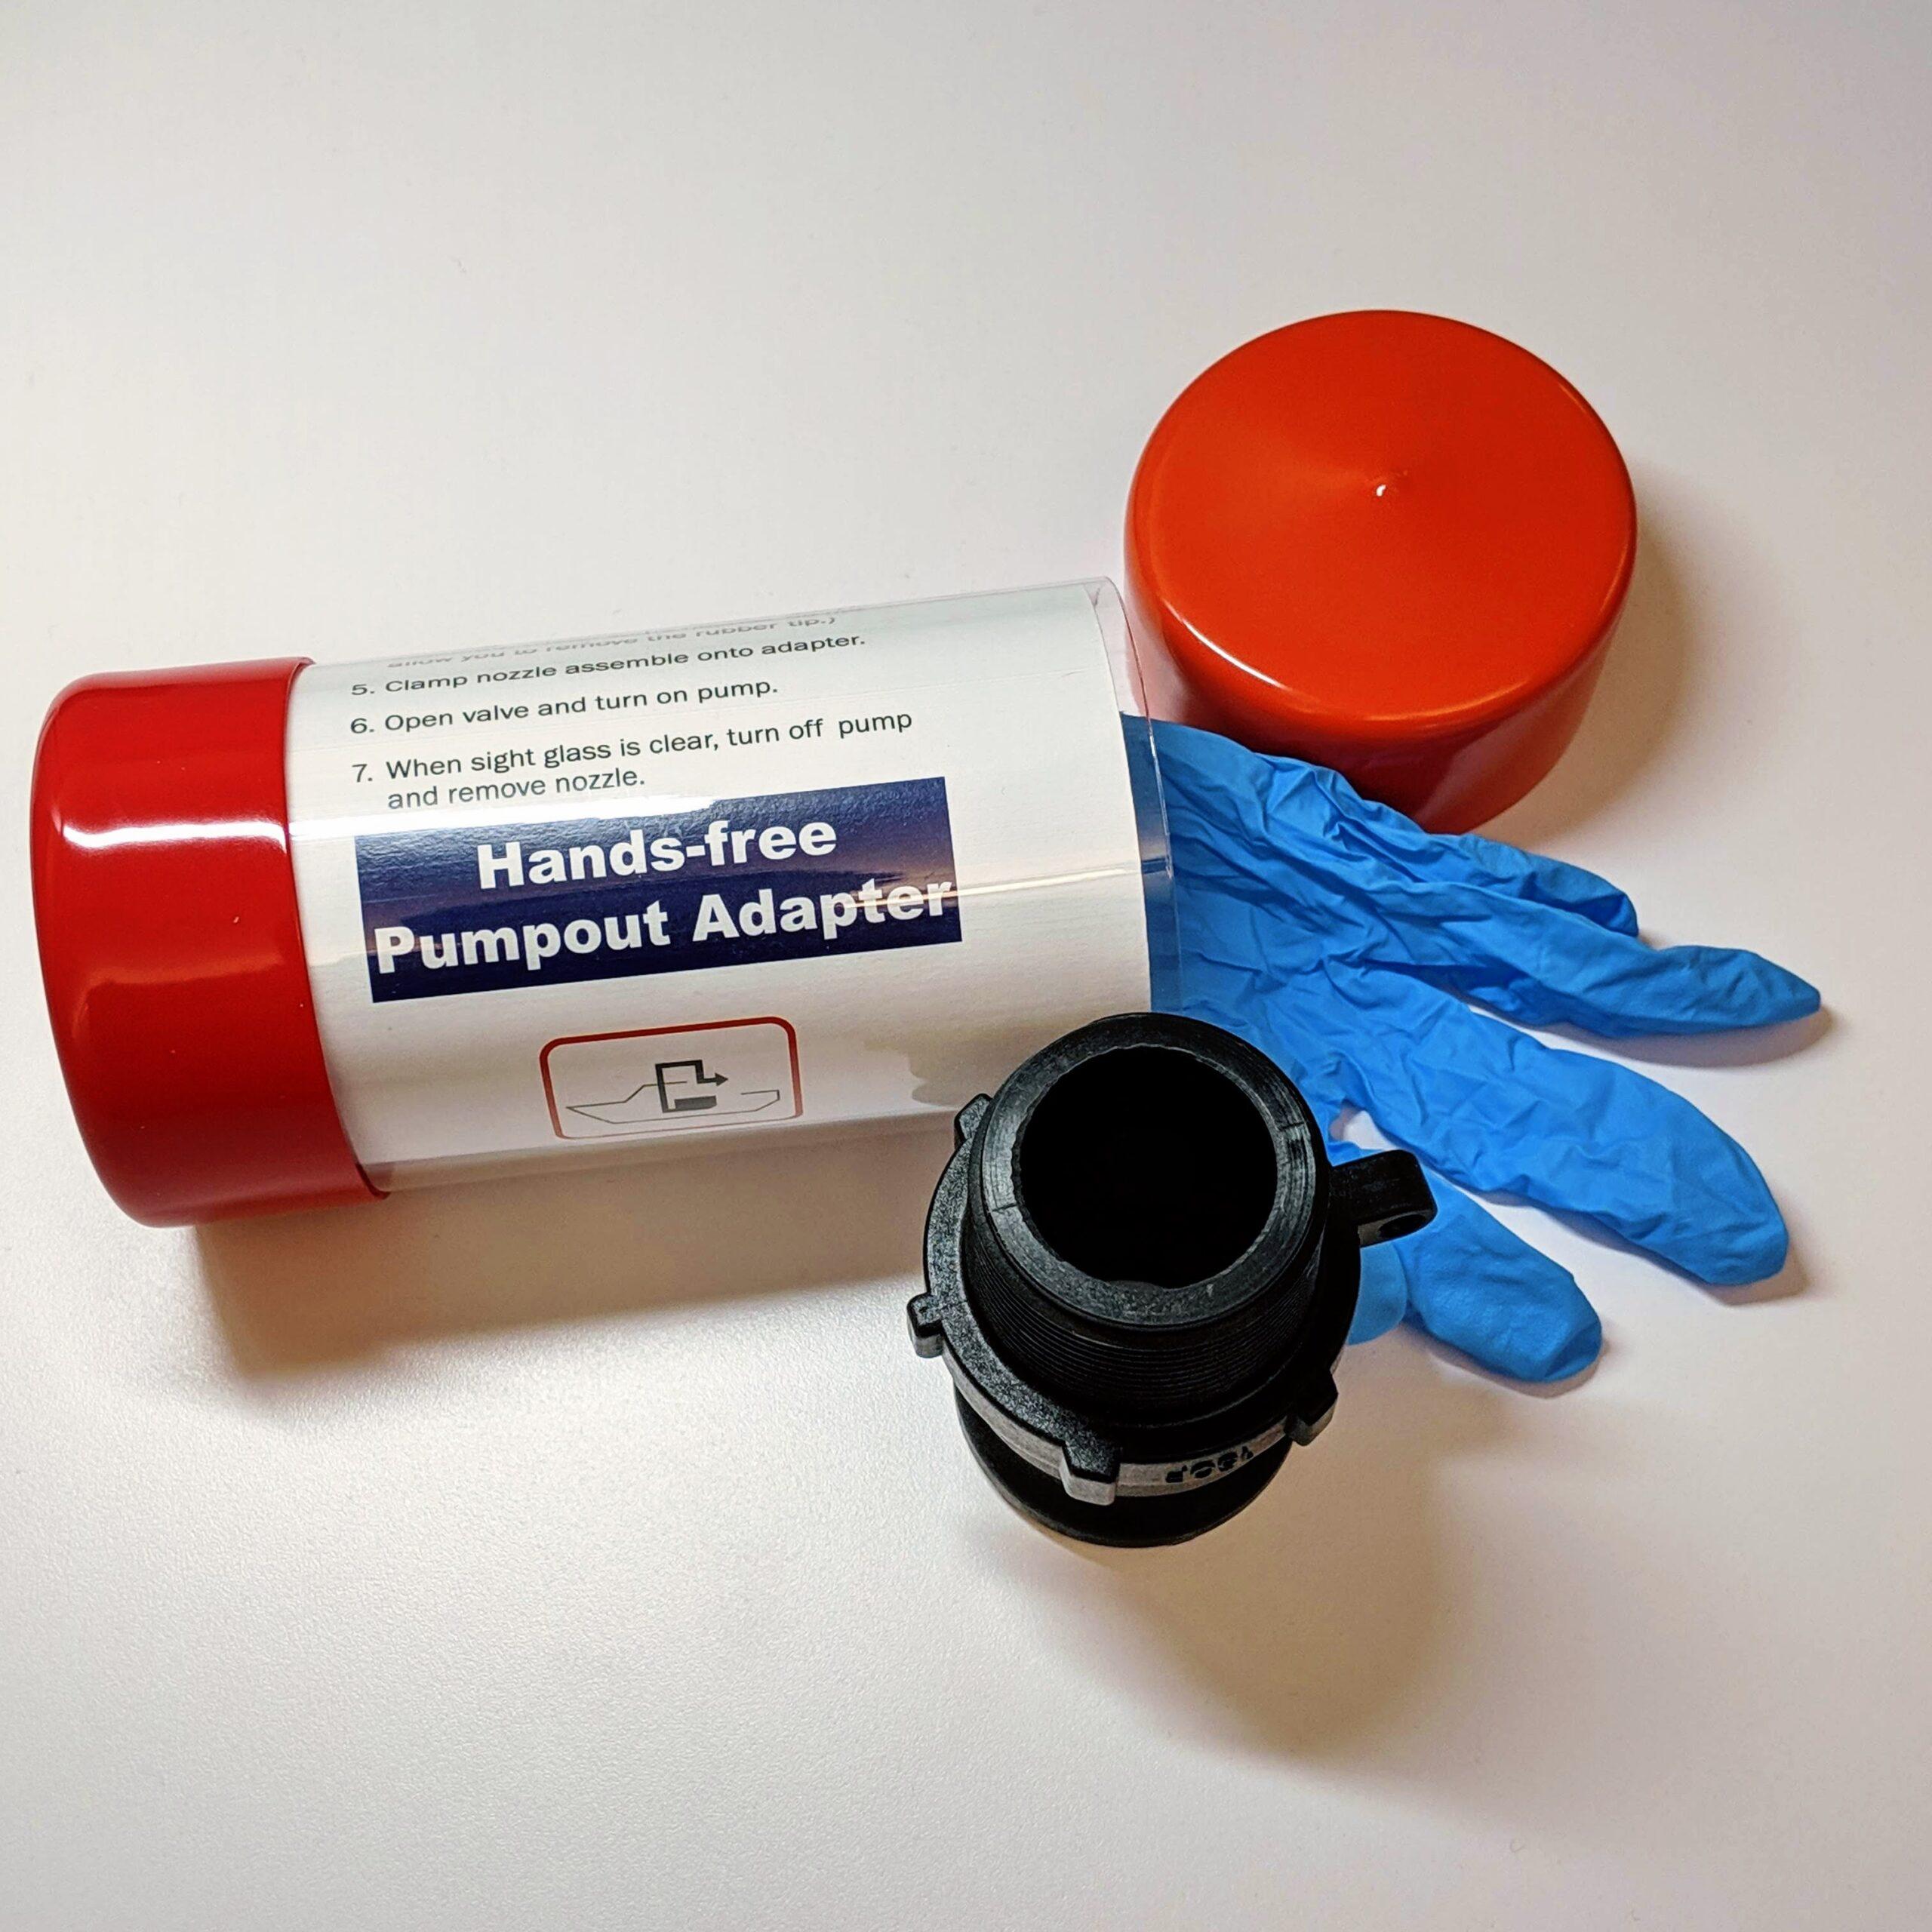 Pumpout adapter kit